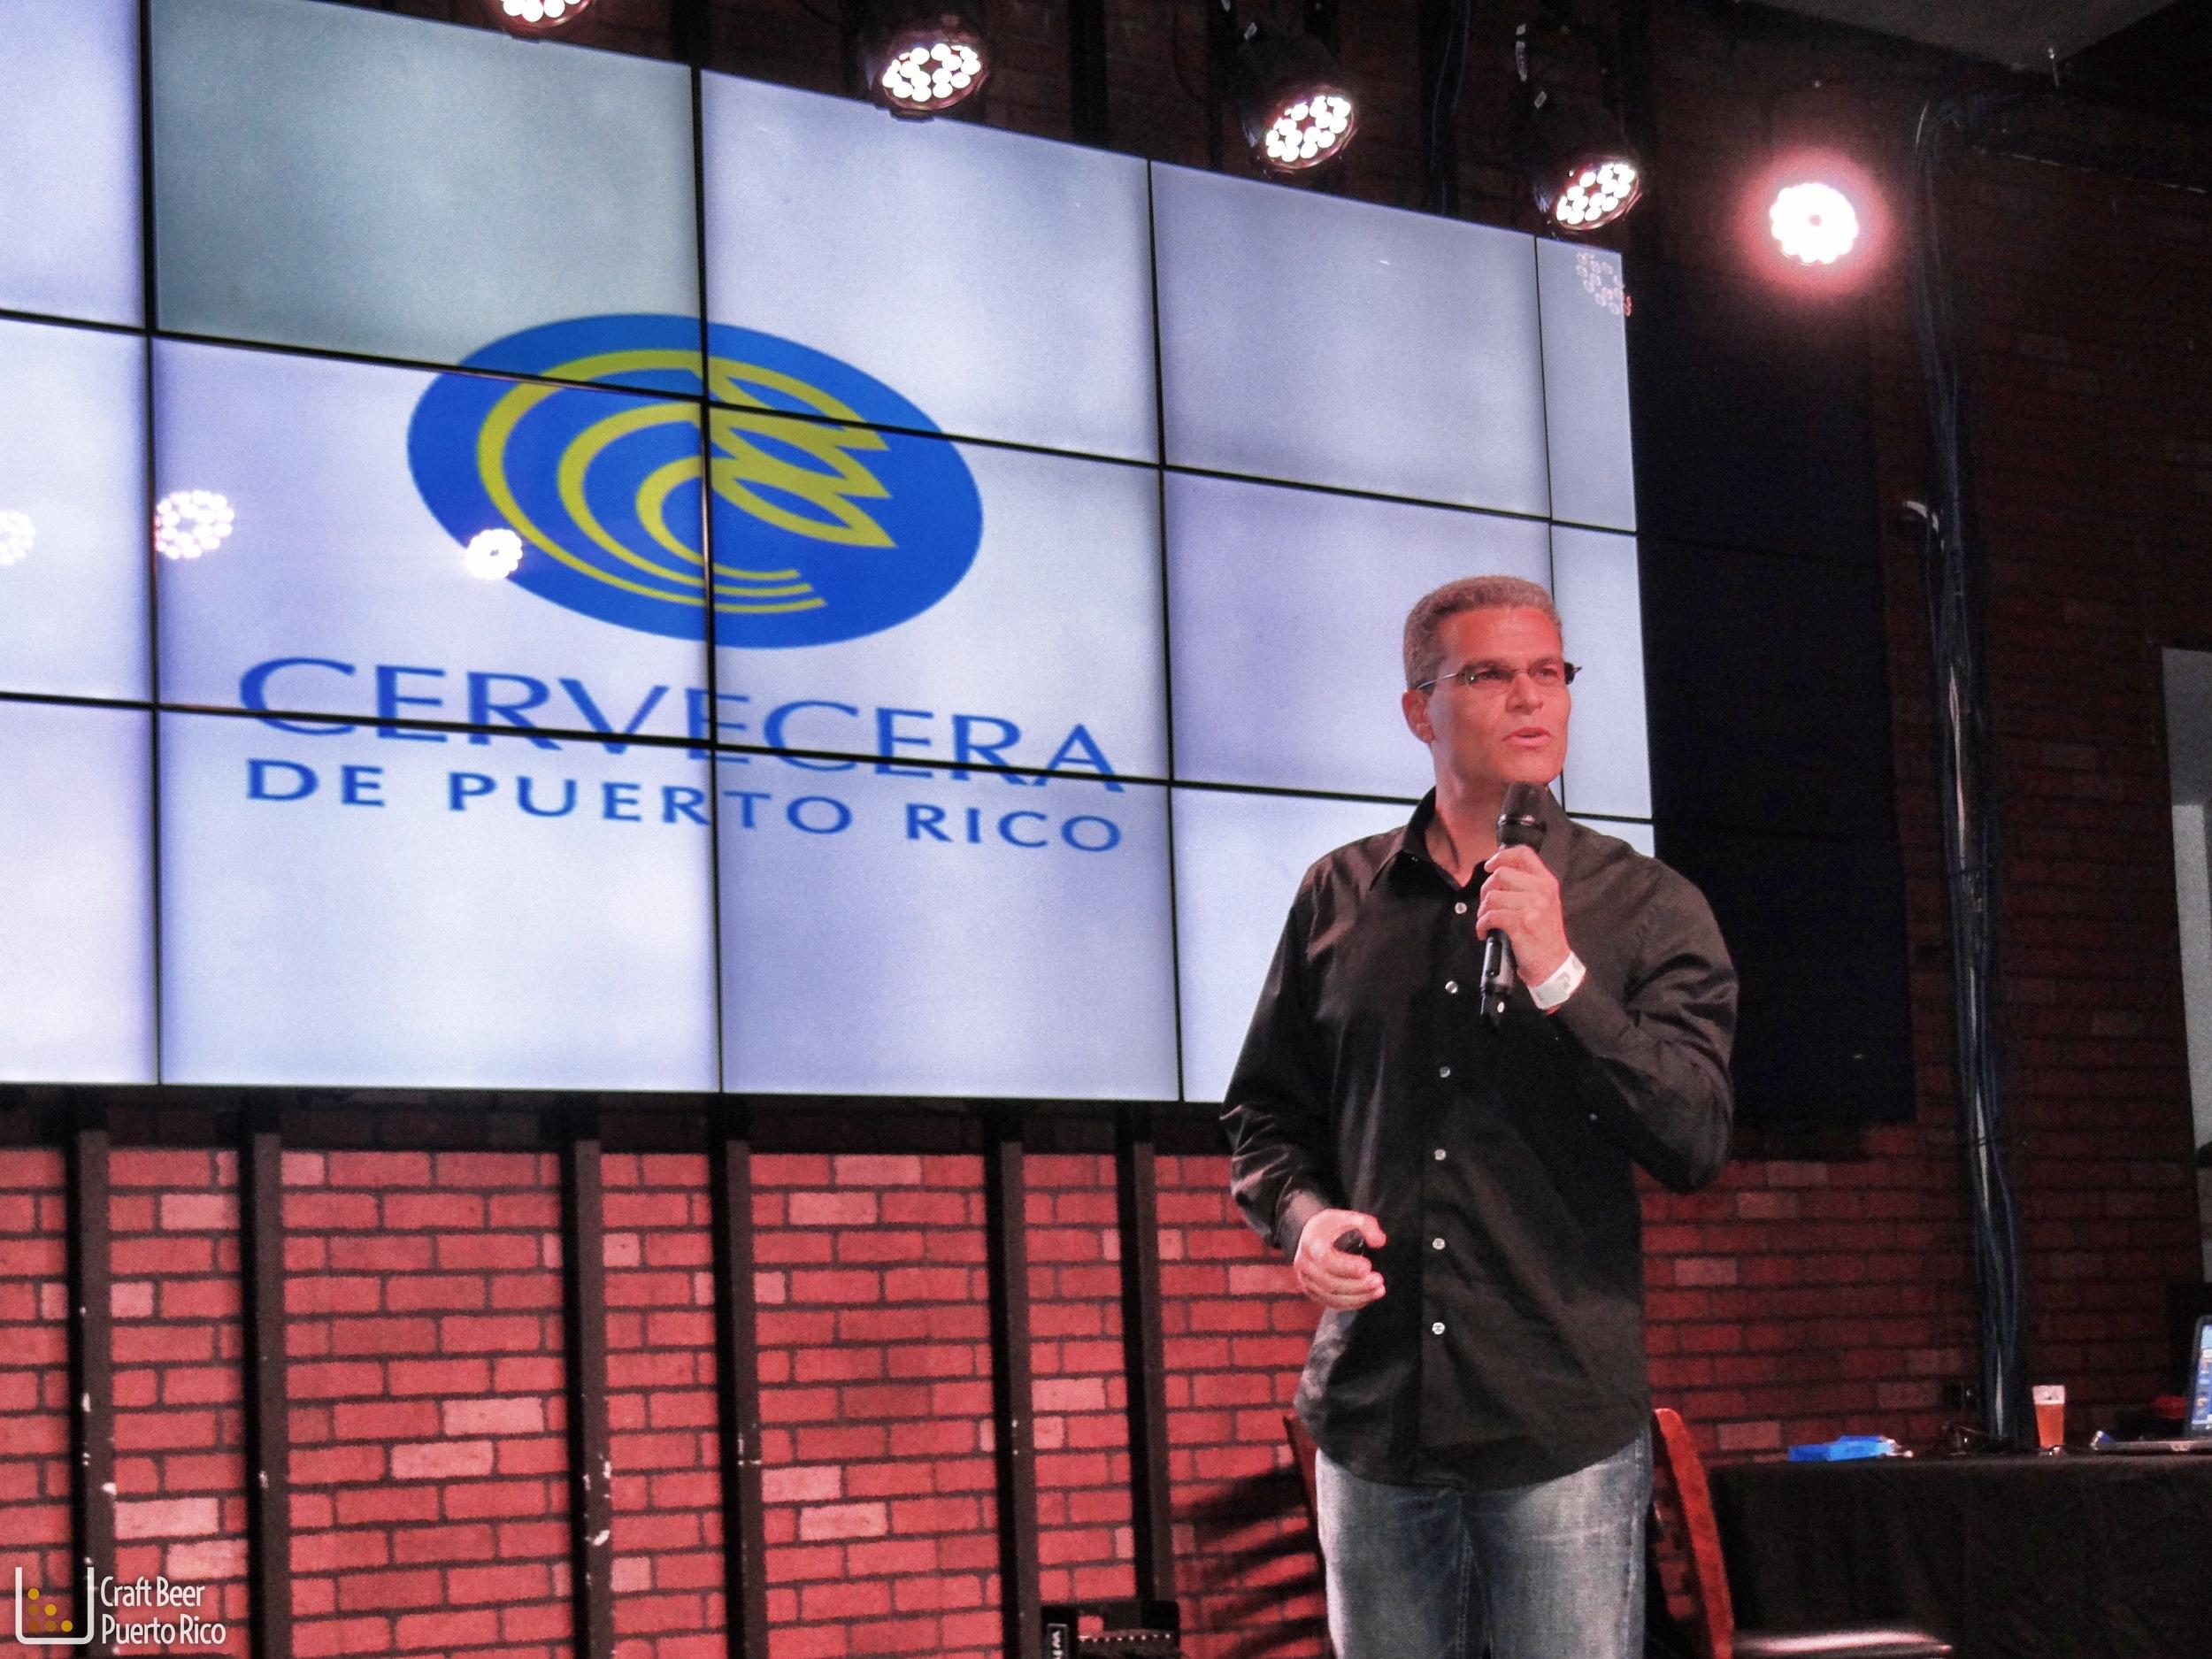 Carlos Agelvis, maestro cervecero de Cervecera de Puerto Rico